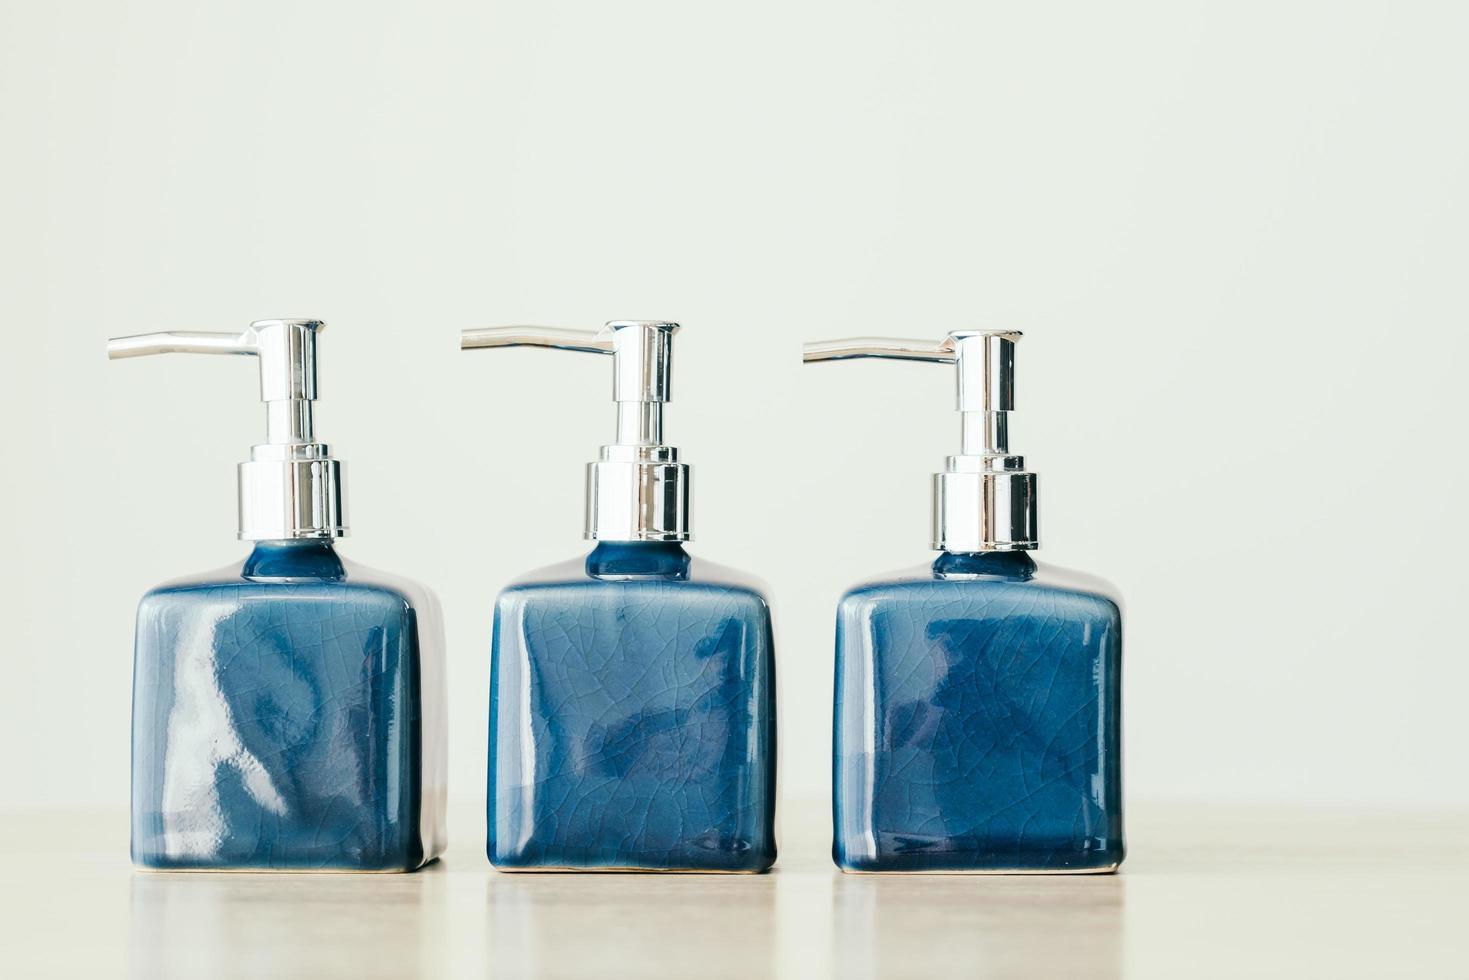 botellas de loción en blanco foto